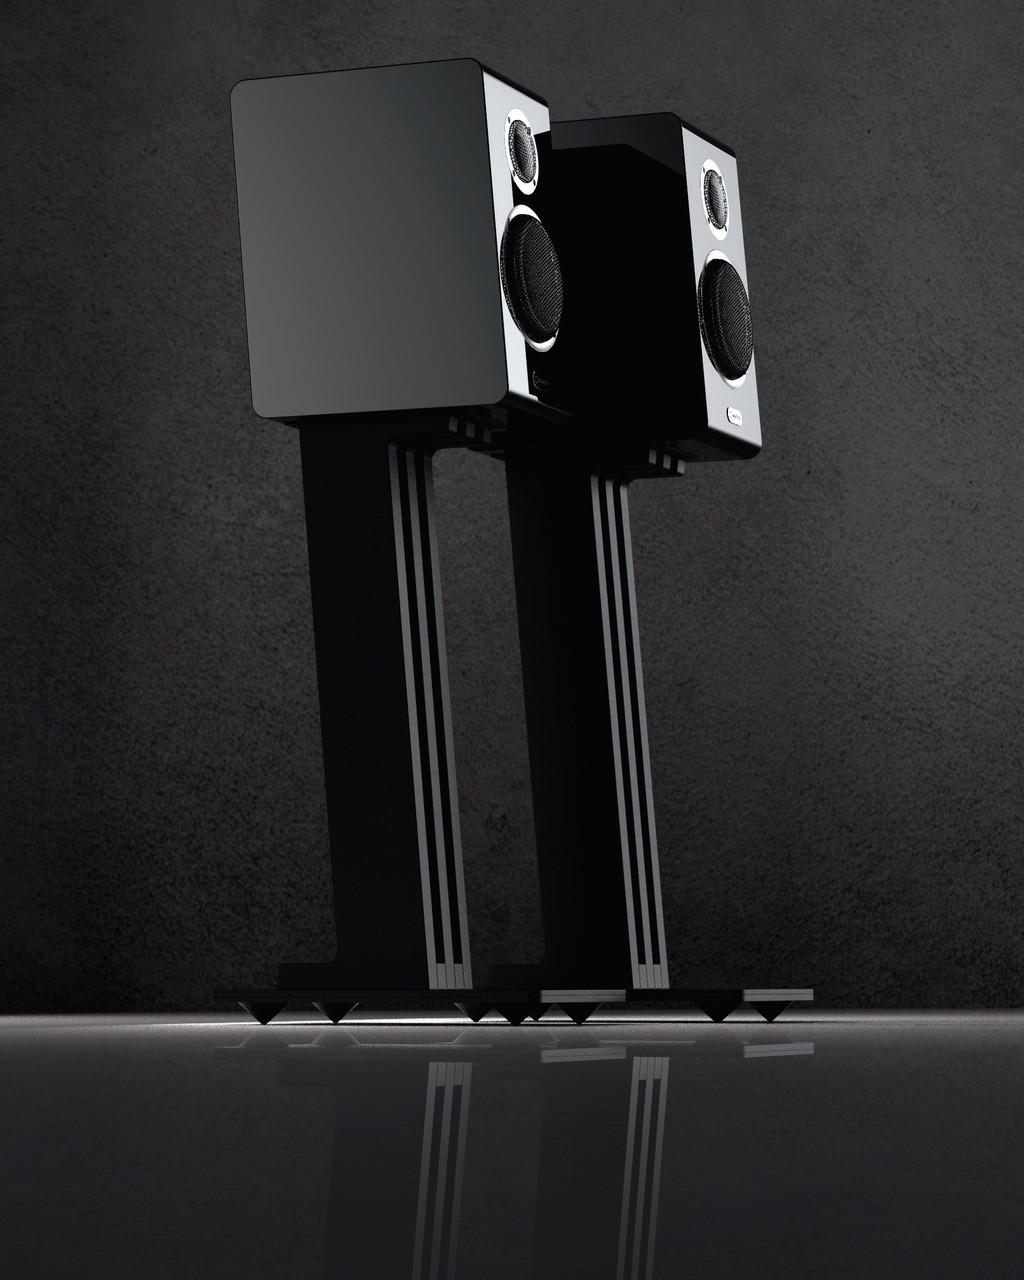 Oscar Duo, Trio, Mingus Twenty - Ba mẫu loa sẽ gây choáng đối thủ của Marten Design trong năm 2020 ảnh 2